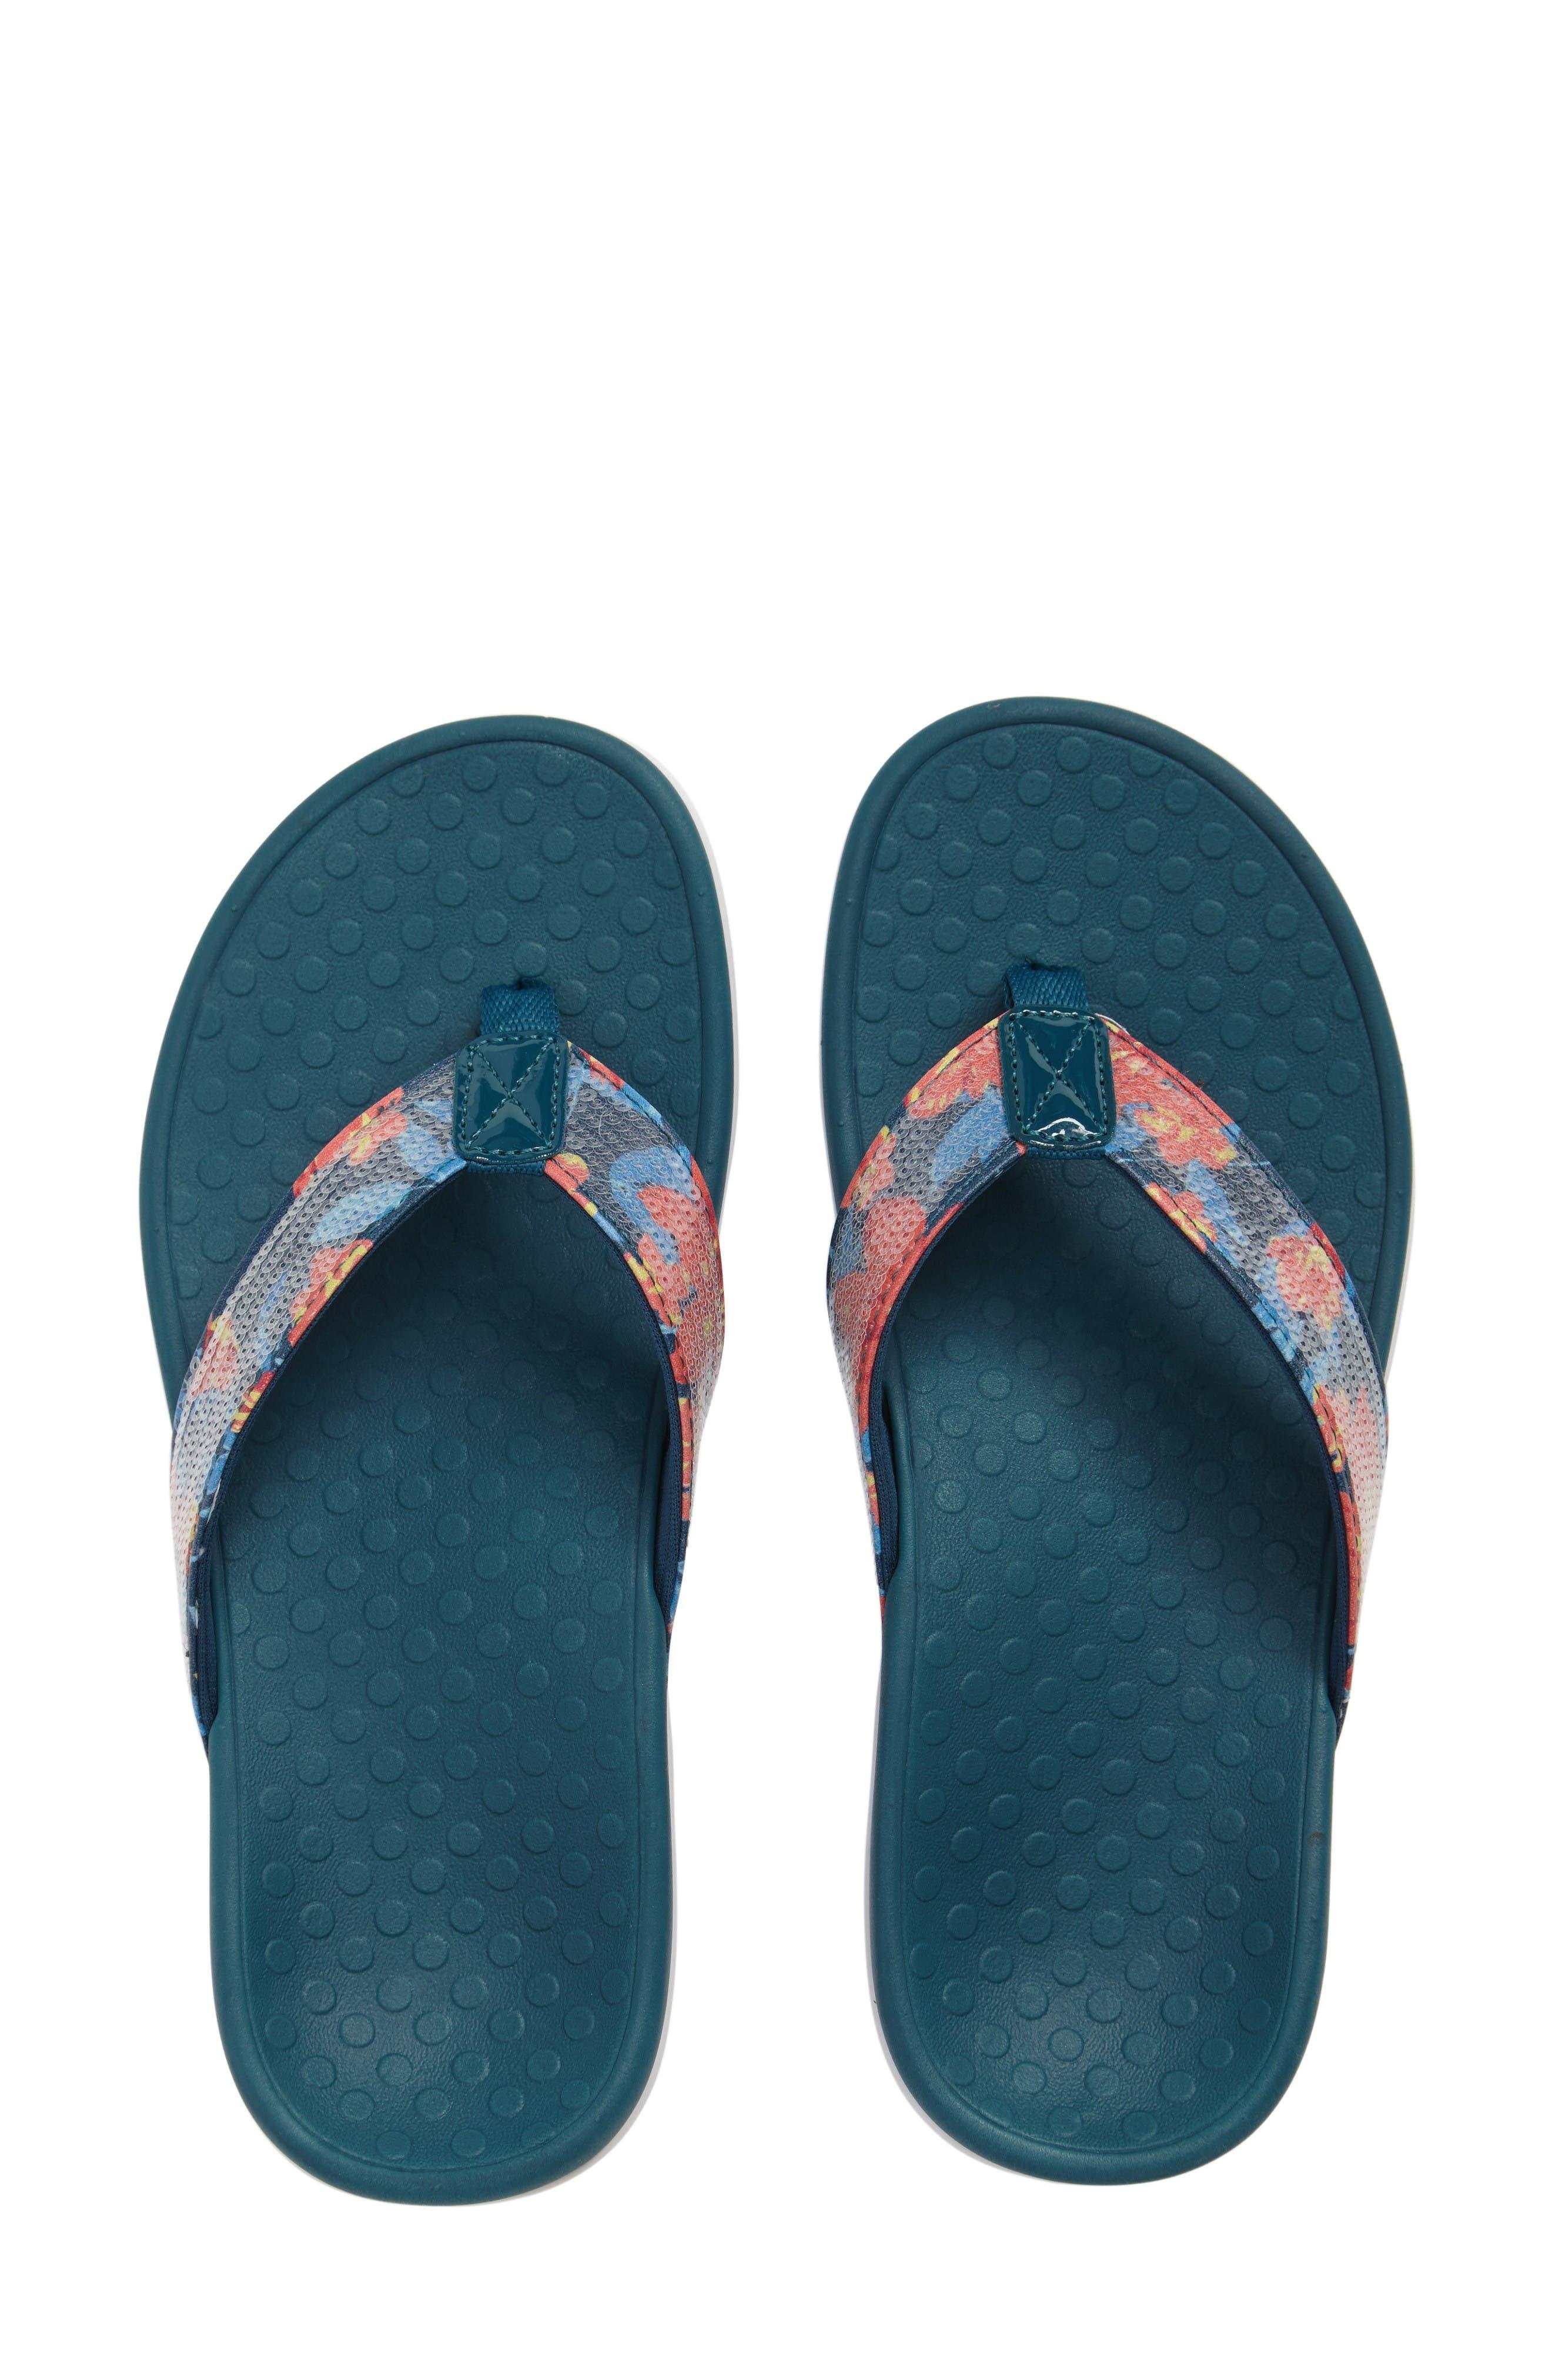 Main Image - Vionic 'Tide' Sequin Flip Flop